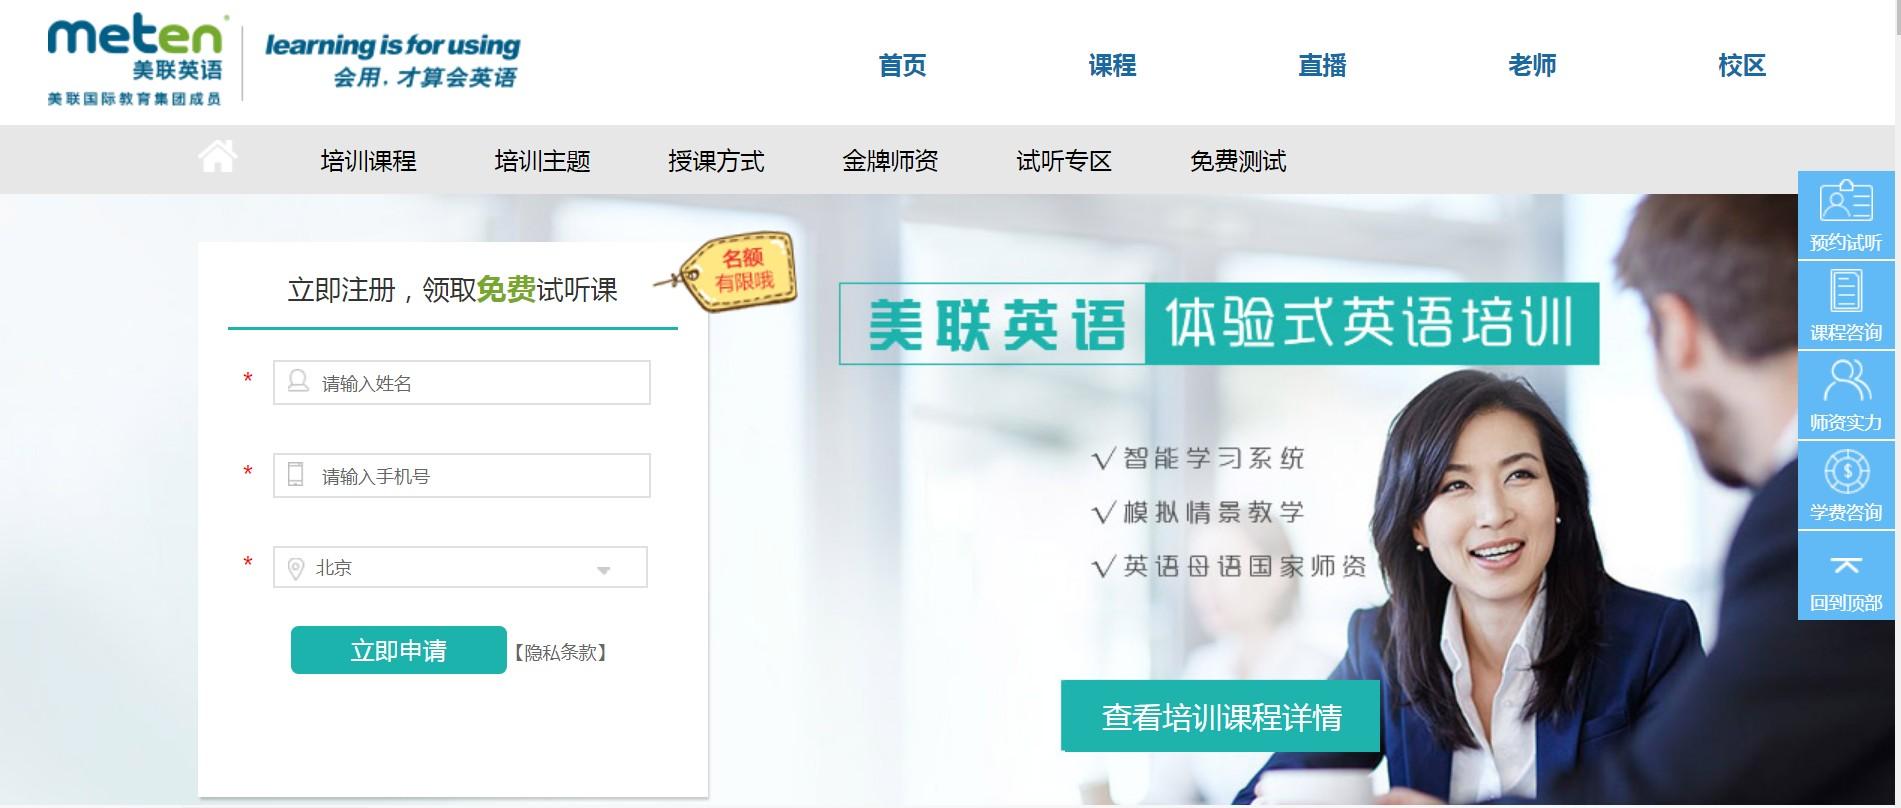 注册框位于头图左侧